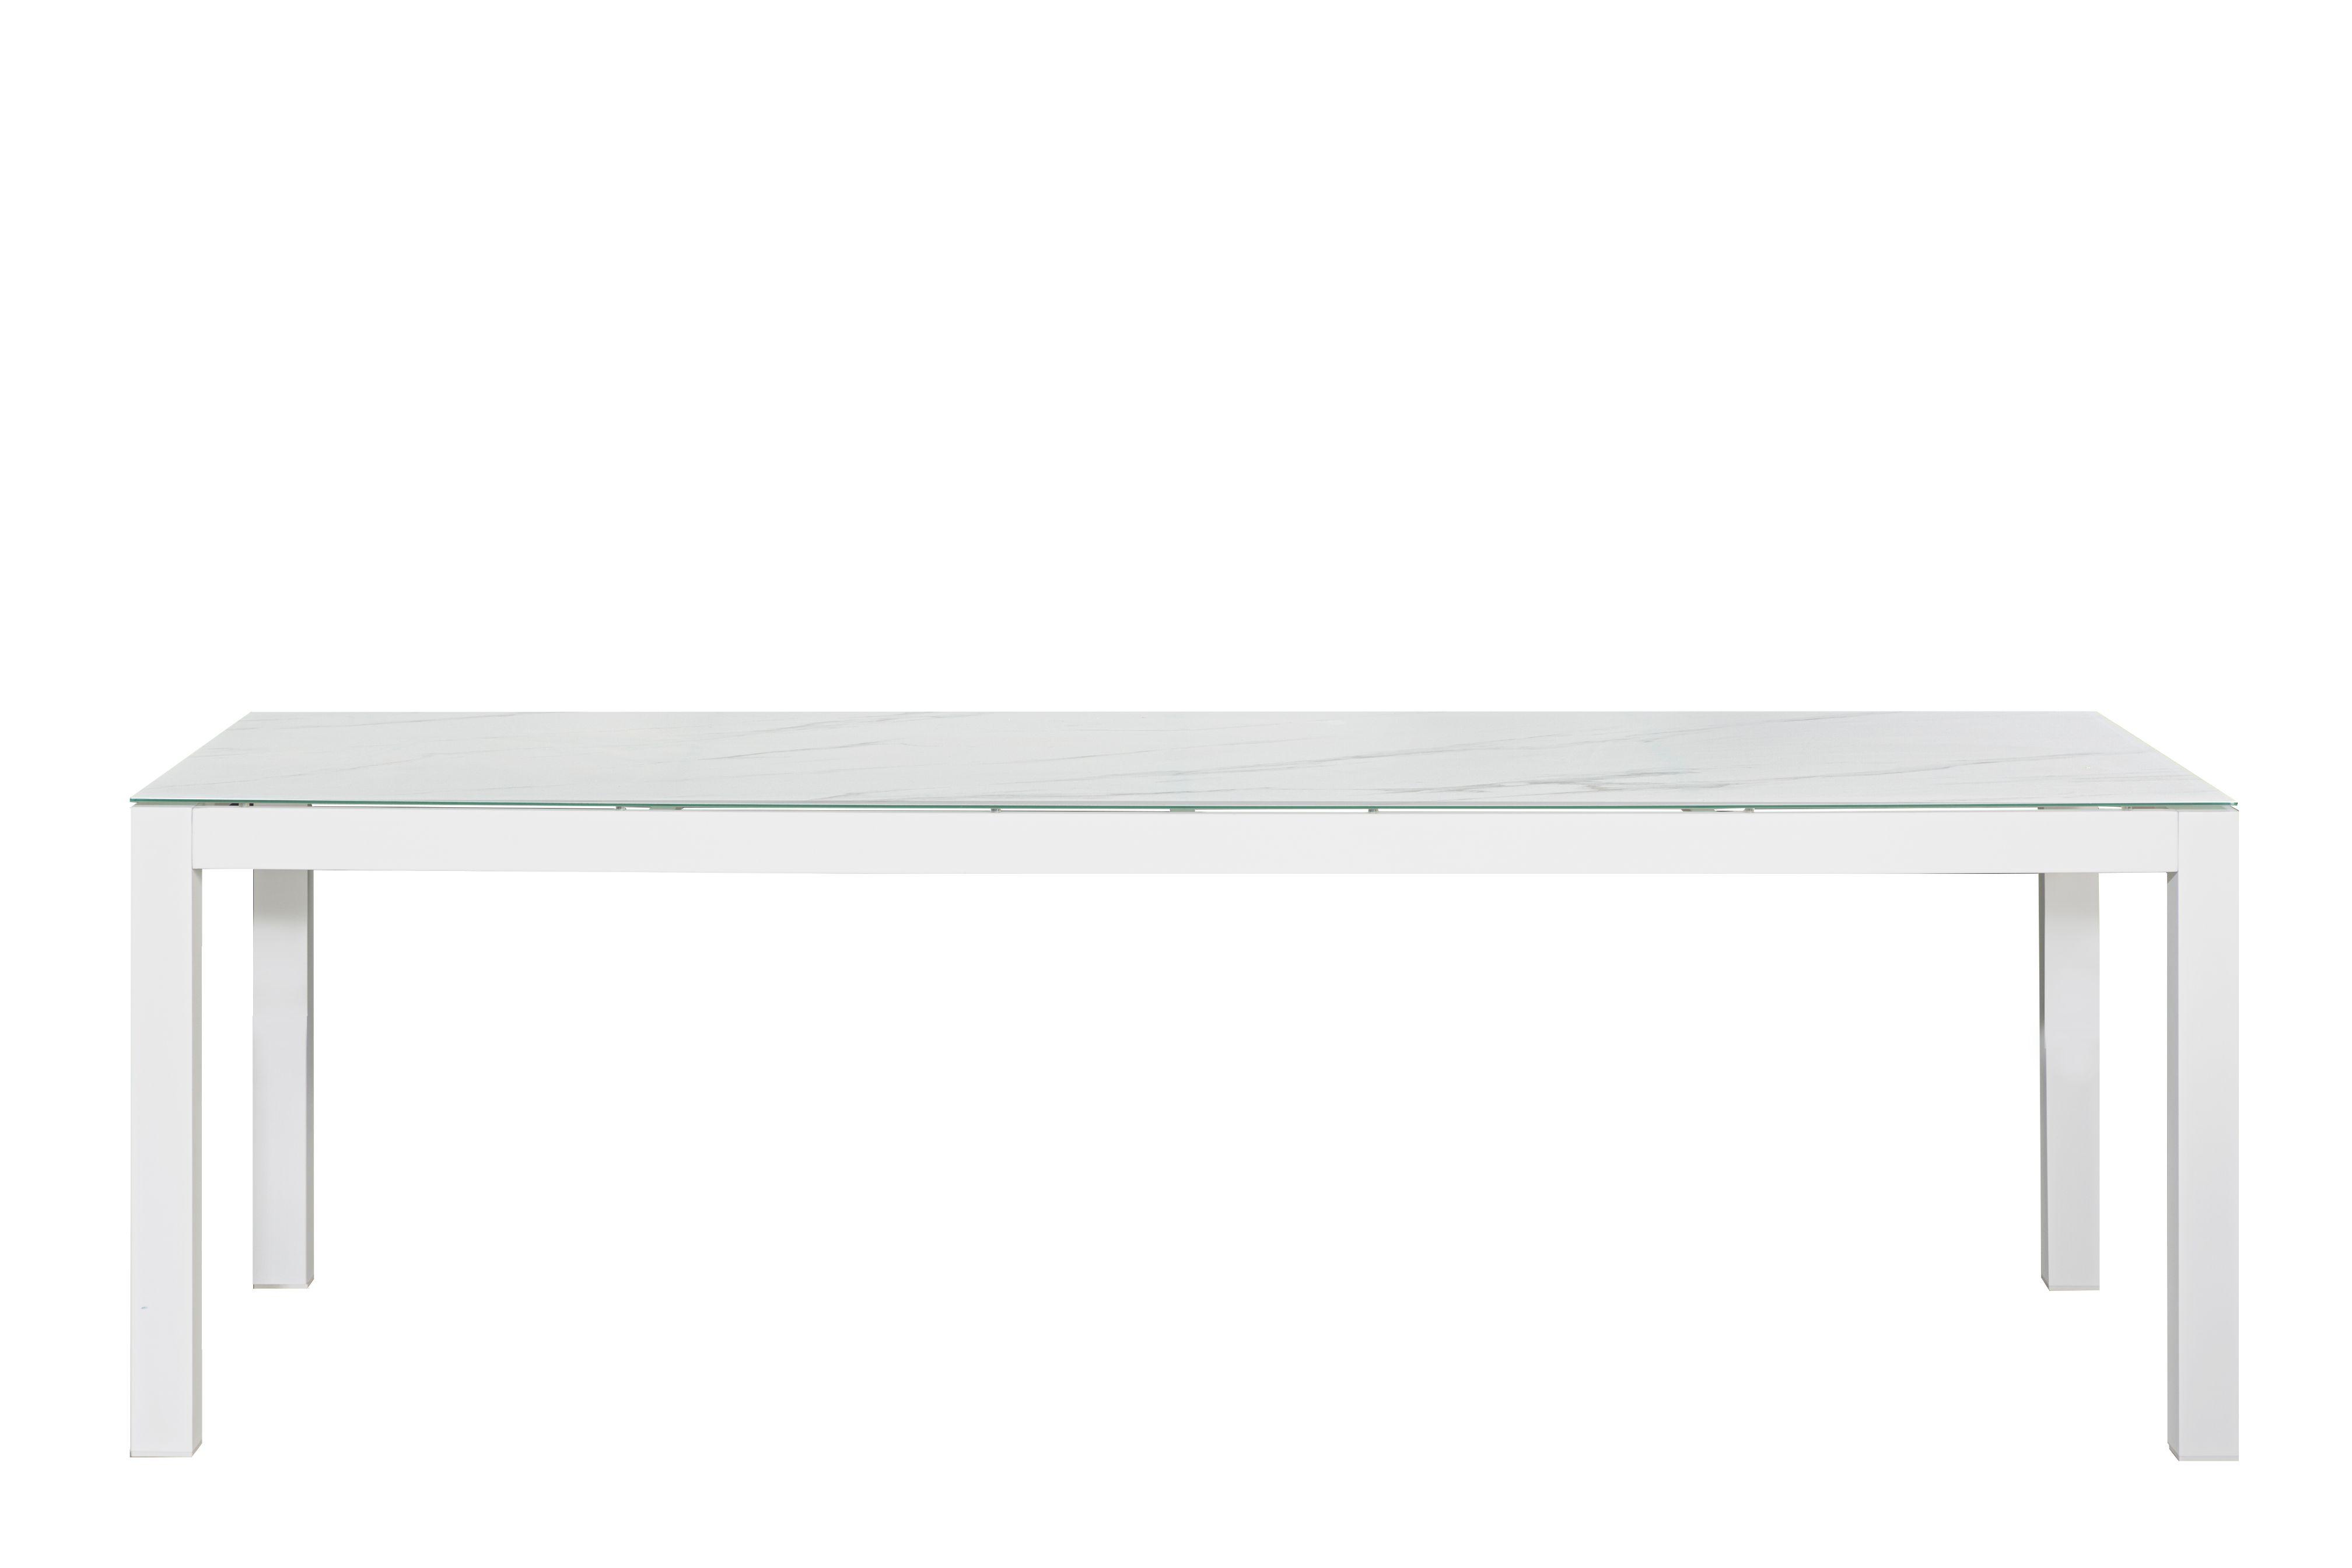 שולחן ענק 240/100 סמ זכוכית לבנה+8 כסאות ORLANDO אורלנדו - תמונה 3